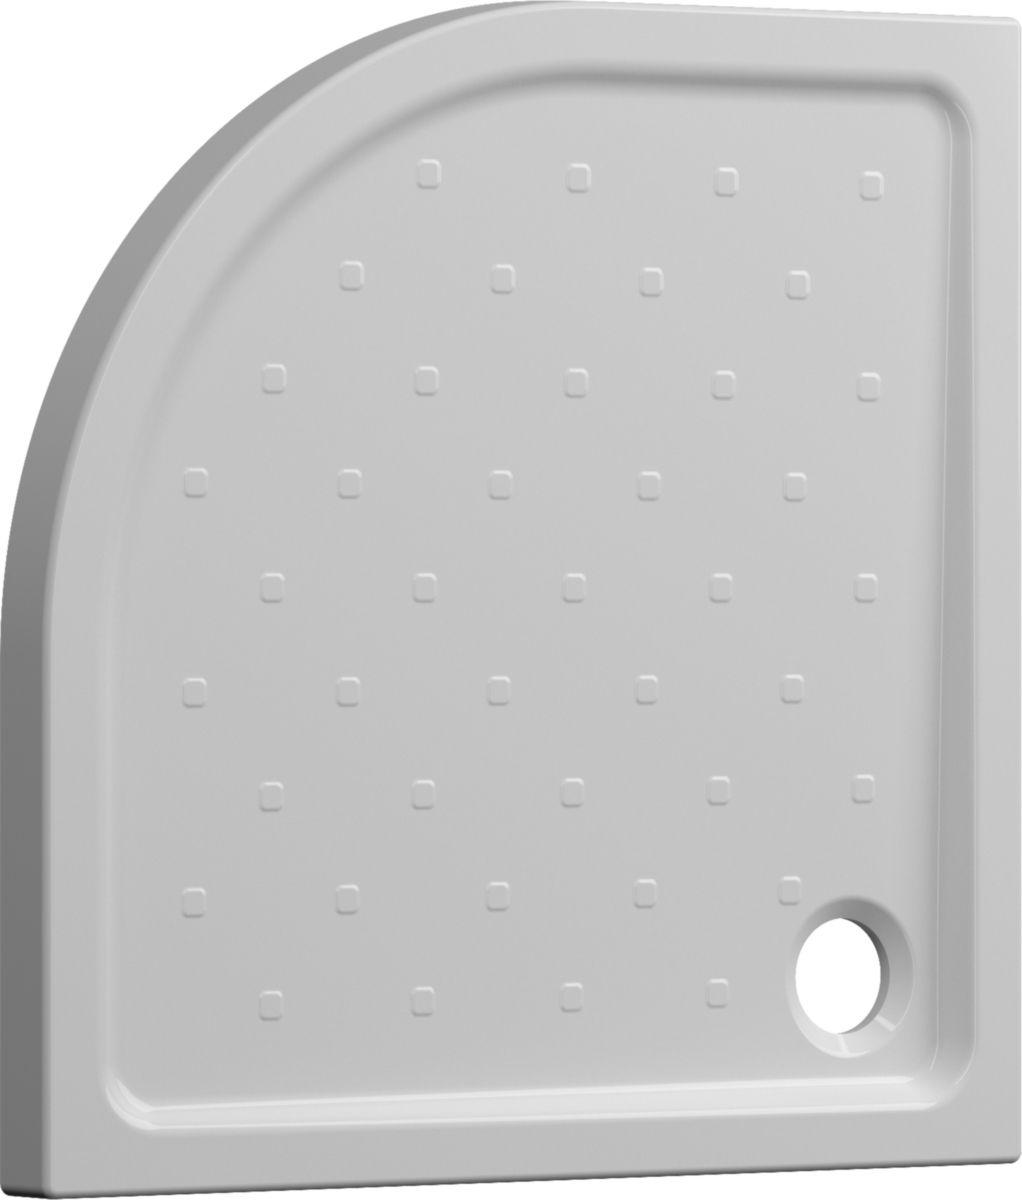 Receveur À Poser Seducta 2 Extraplat Angle 90 X 90 Blanc encequiconcerne Receveur De Douche Extra Plat 90X90